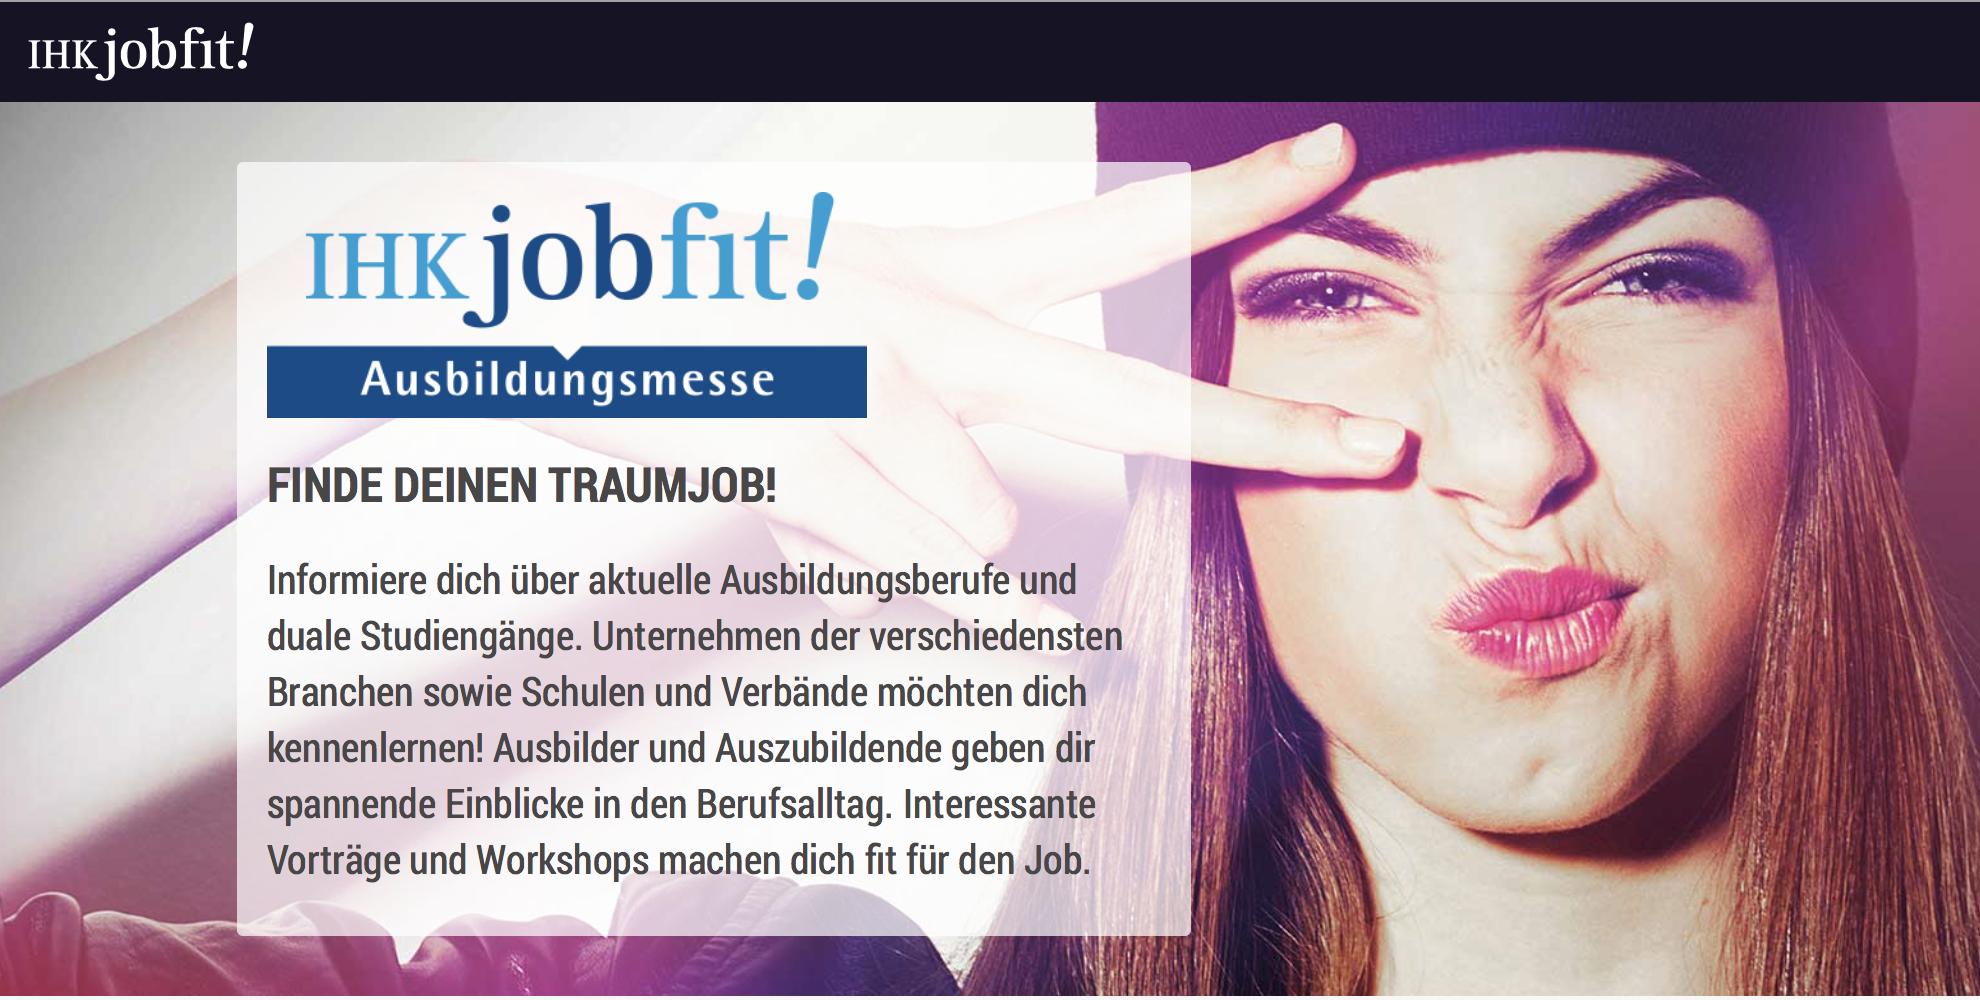 IHK-jobfit_MVG_muenchen